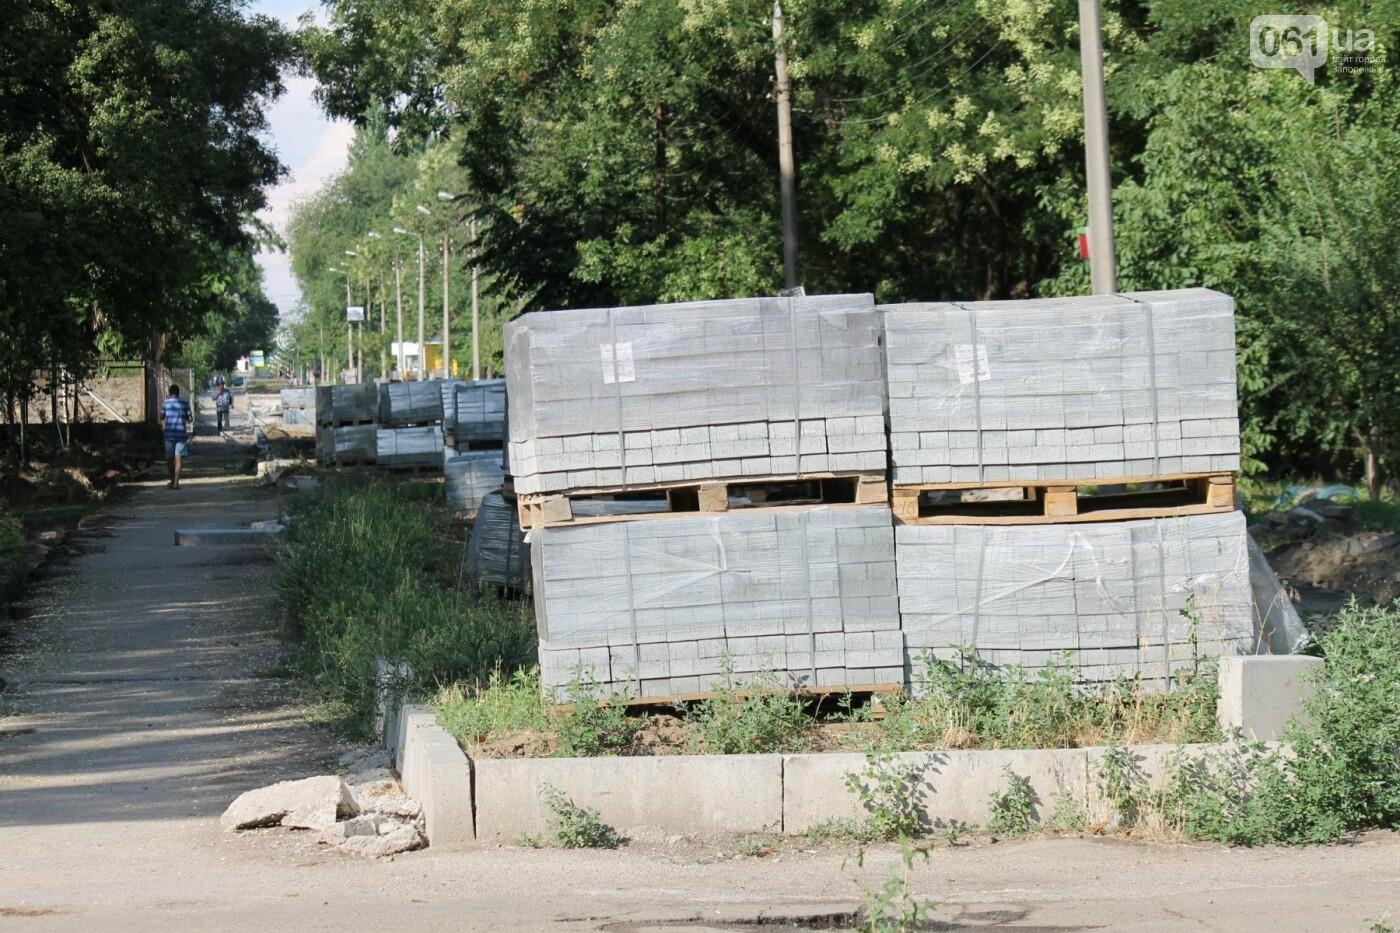 В Запорожье спешат до конца лета закончить реконструкцию аллеи на Якова Новицкого: на каком этапе работы, – ФОТОРЕПОРТАЖ, фото-23